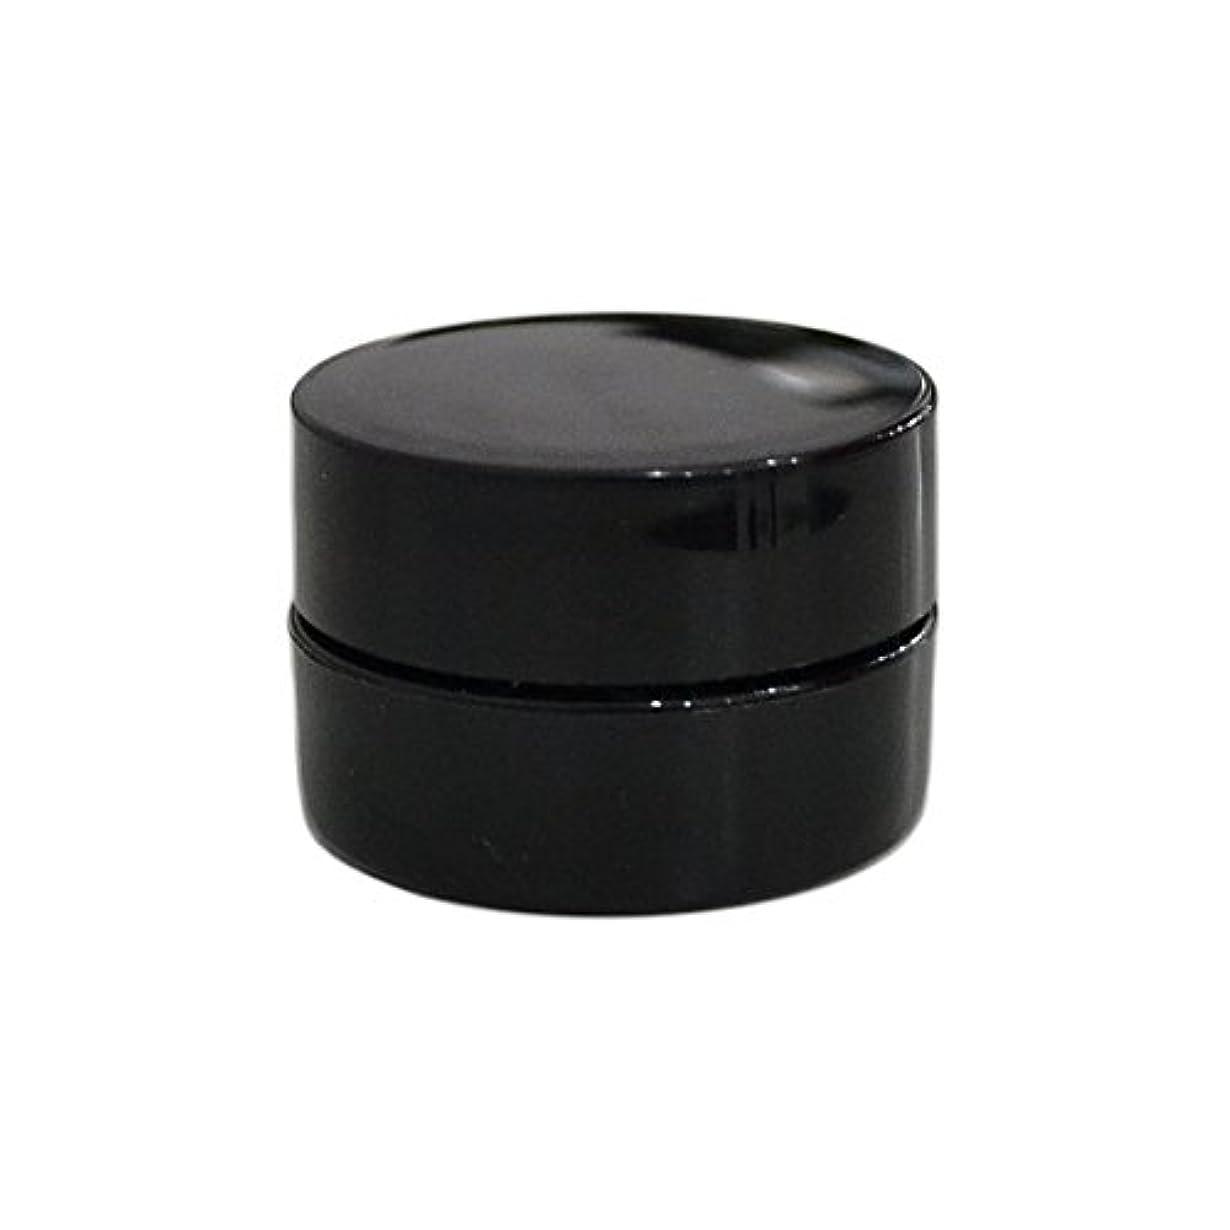 絶え間ない無視する10個セット/純国産ネイルジェルコンテナ 3g用 GA3g 漏れ防止パッキン&ブラシプレート付容器 ジェルを無駄なく使える底面傾斜あり 遮光 黒 ブラック